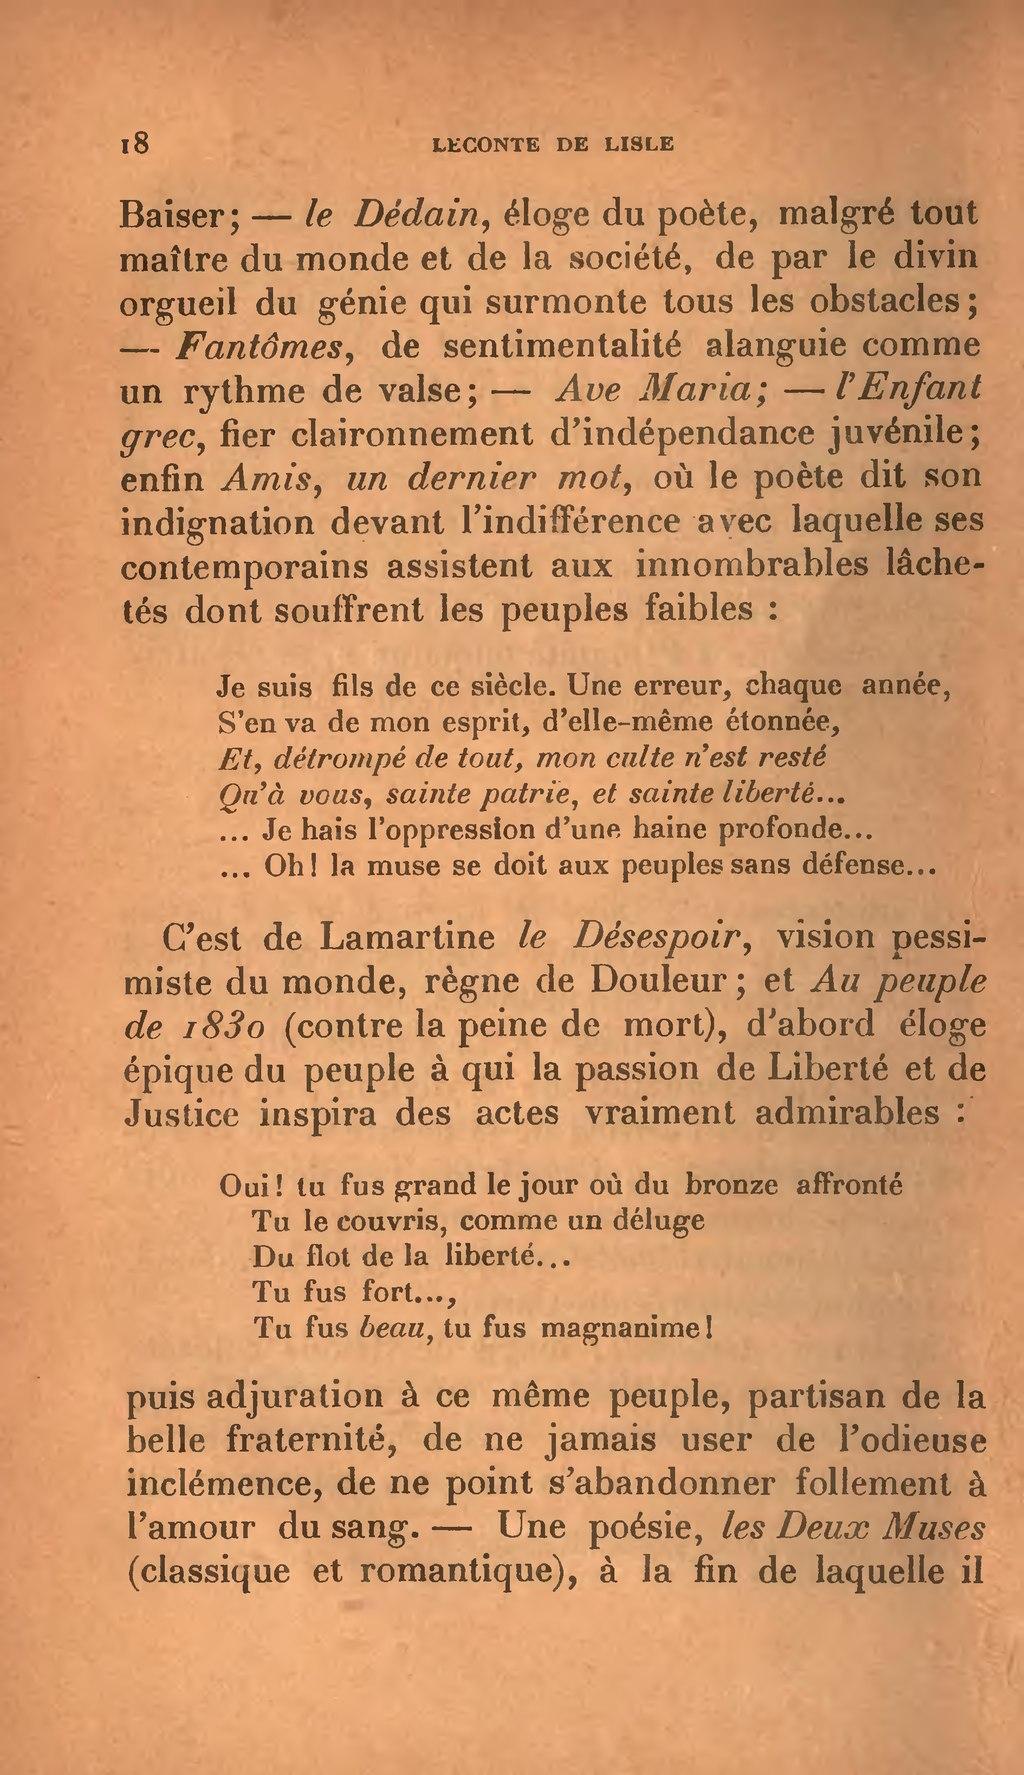 Pageleblond Leconte De Lisle 1906 éd2djvu24 Wikisource